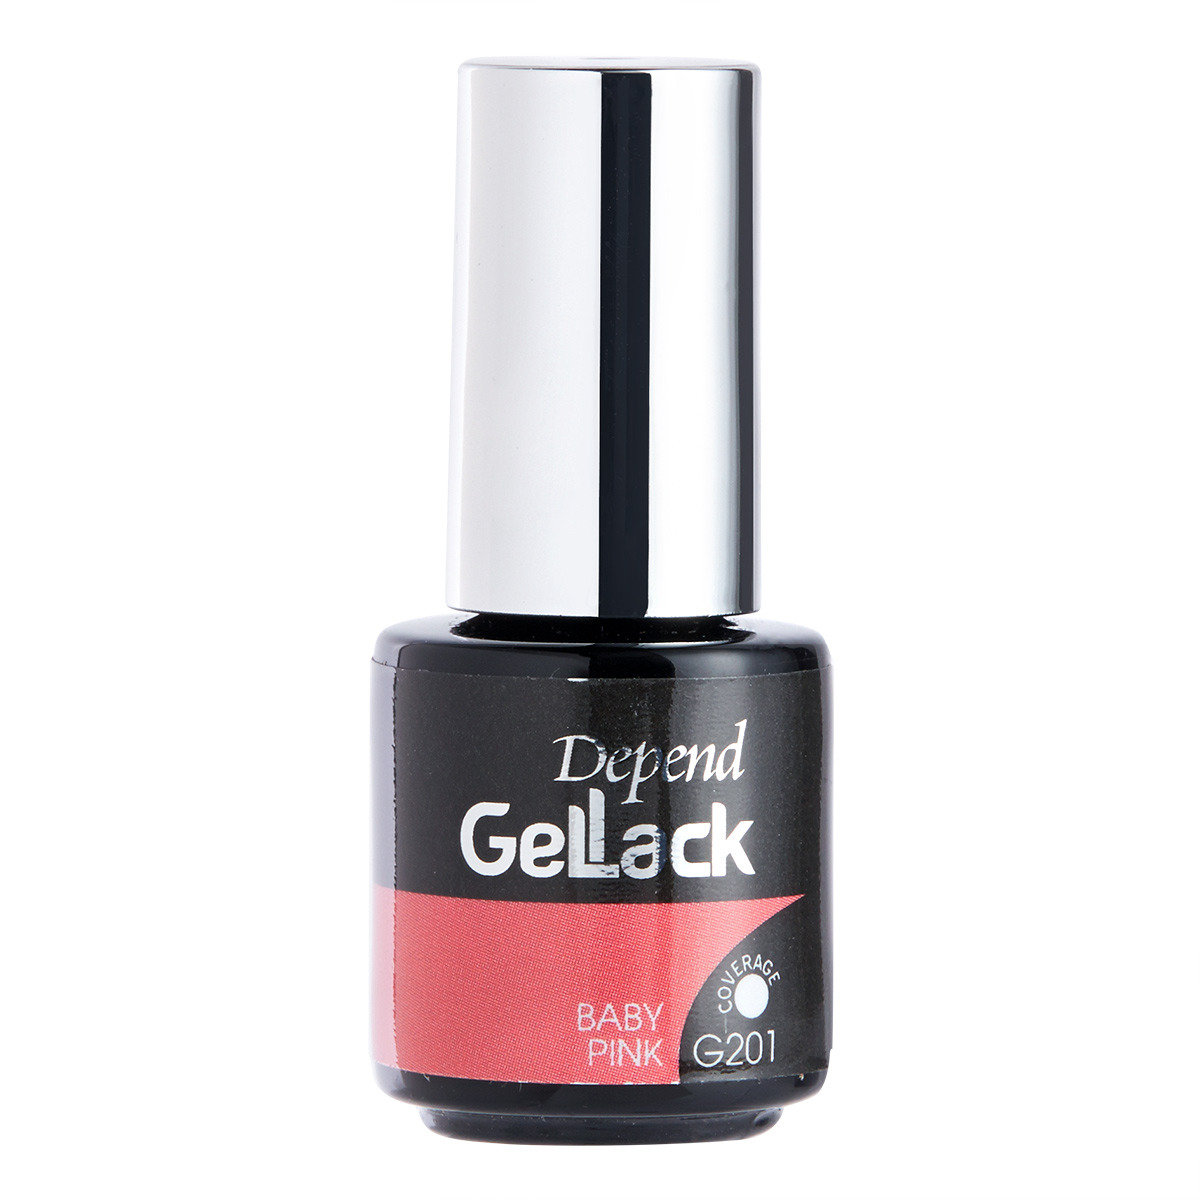 GELLACK指甲油-G201